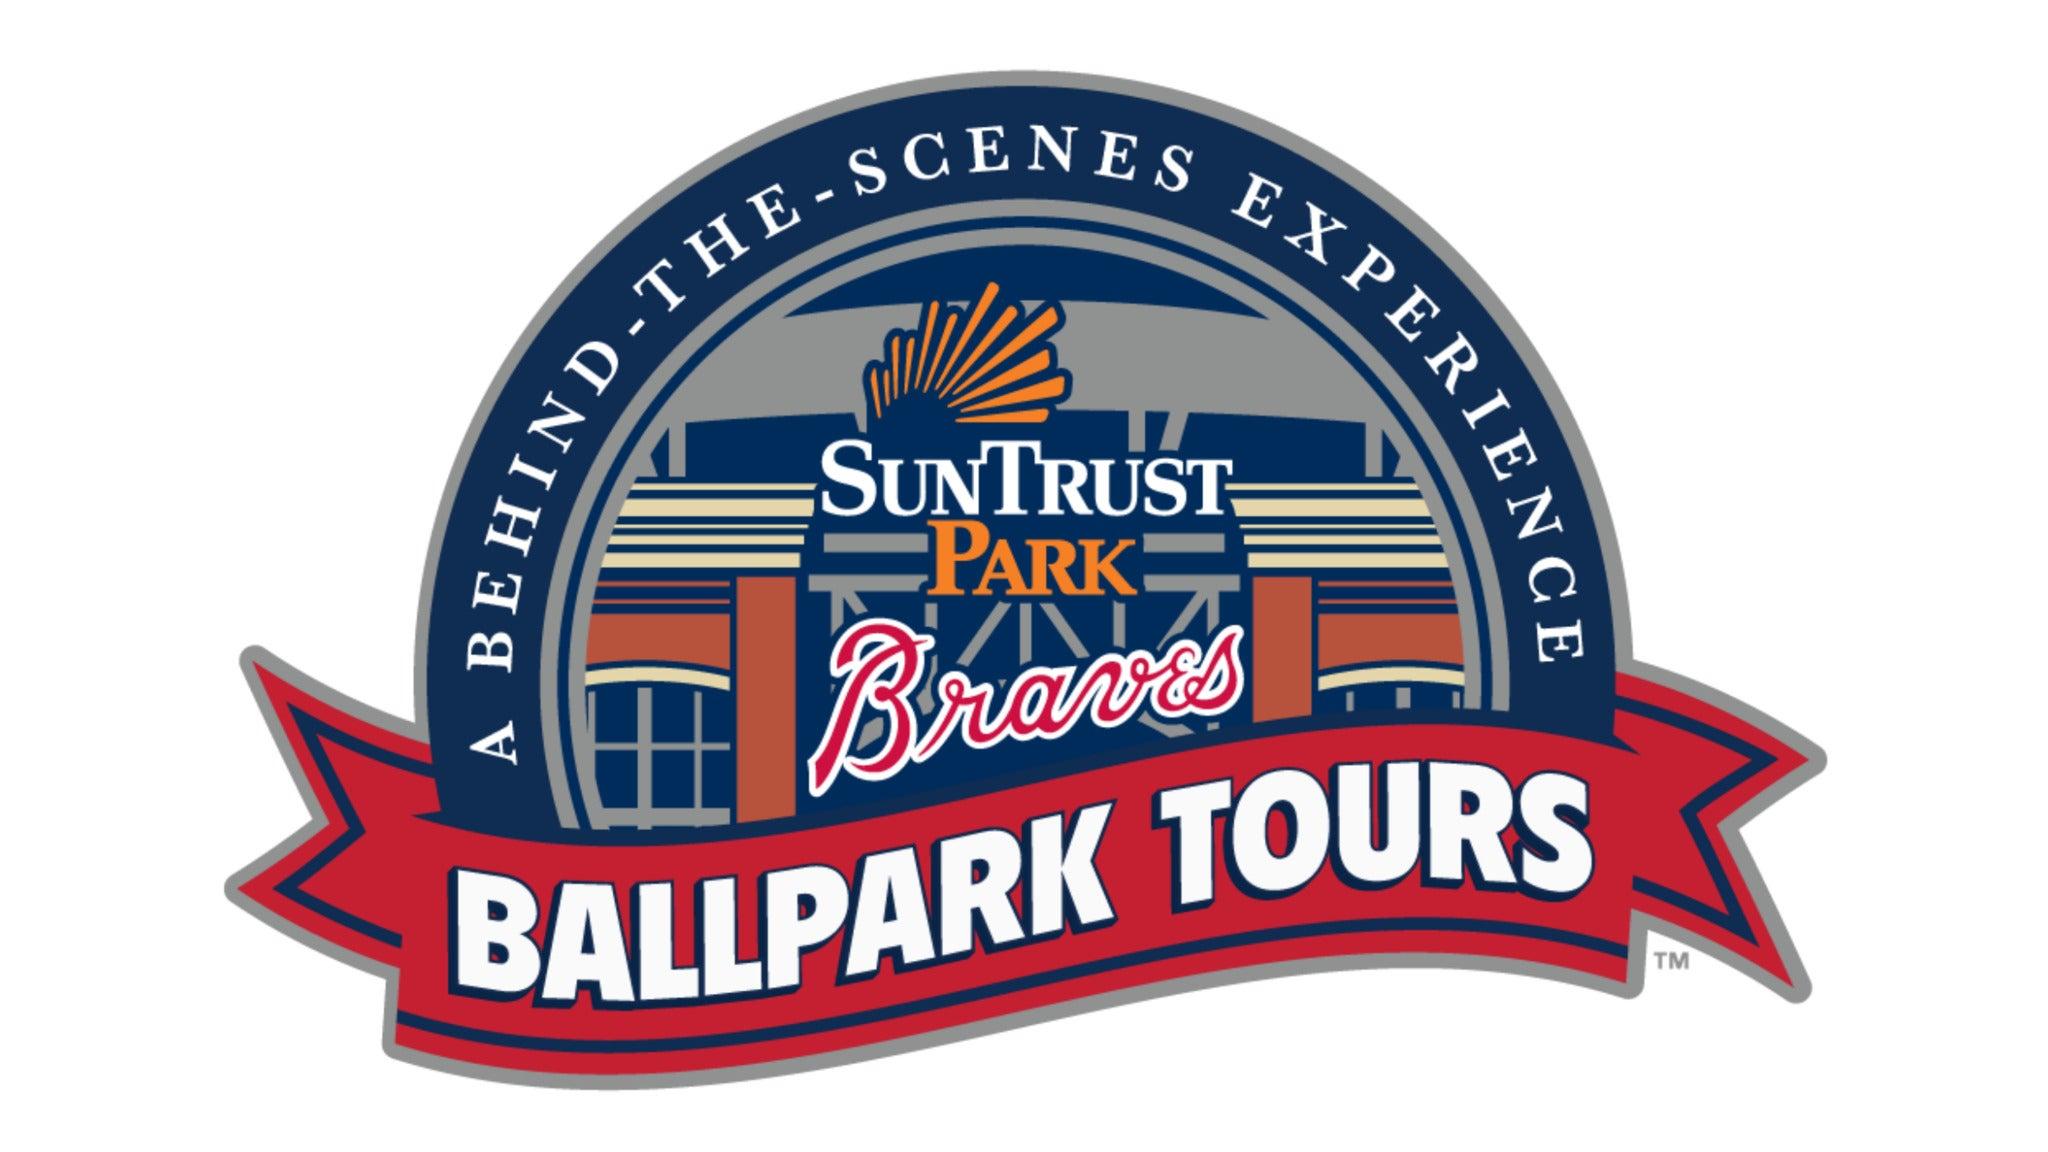 Tours: SunTrust Park